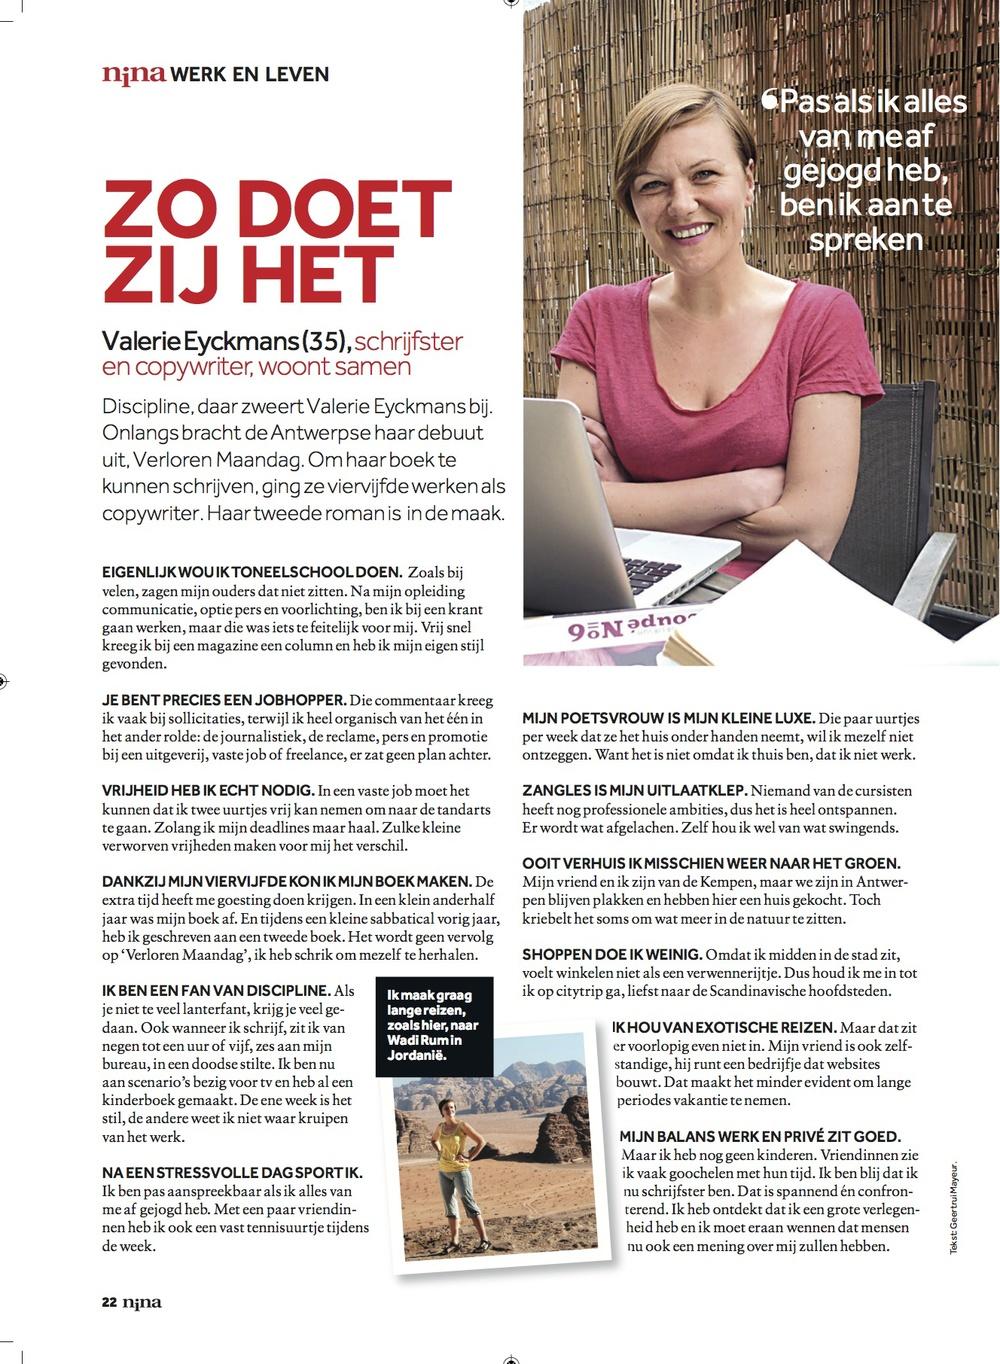 Nina (Het Laatste Nieuws) 18 mei 2013